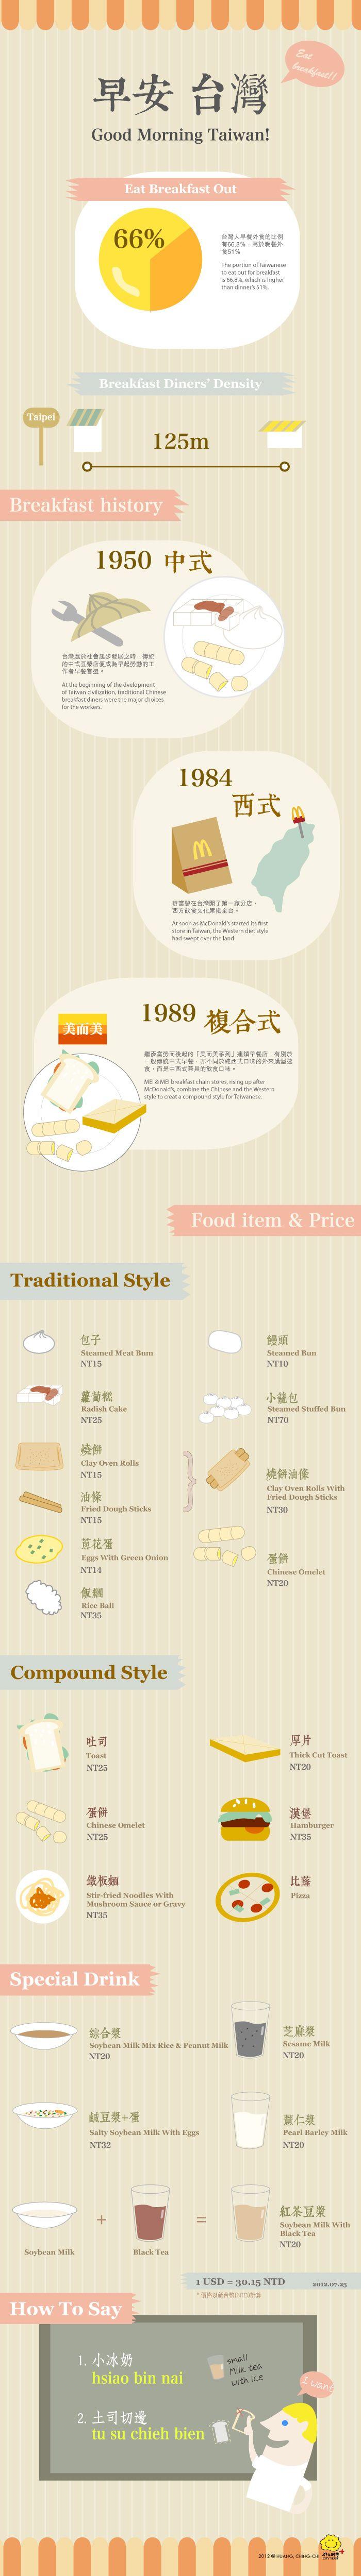 臺灣早餐 Taiwan breakfast - amazing how over the years the prices stayed more or less the same...